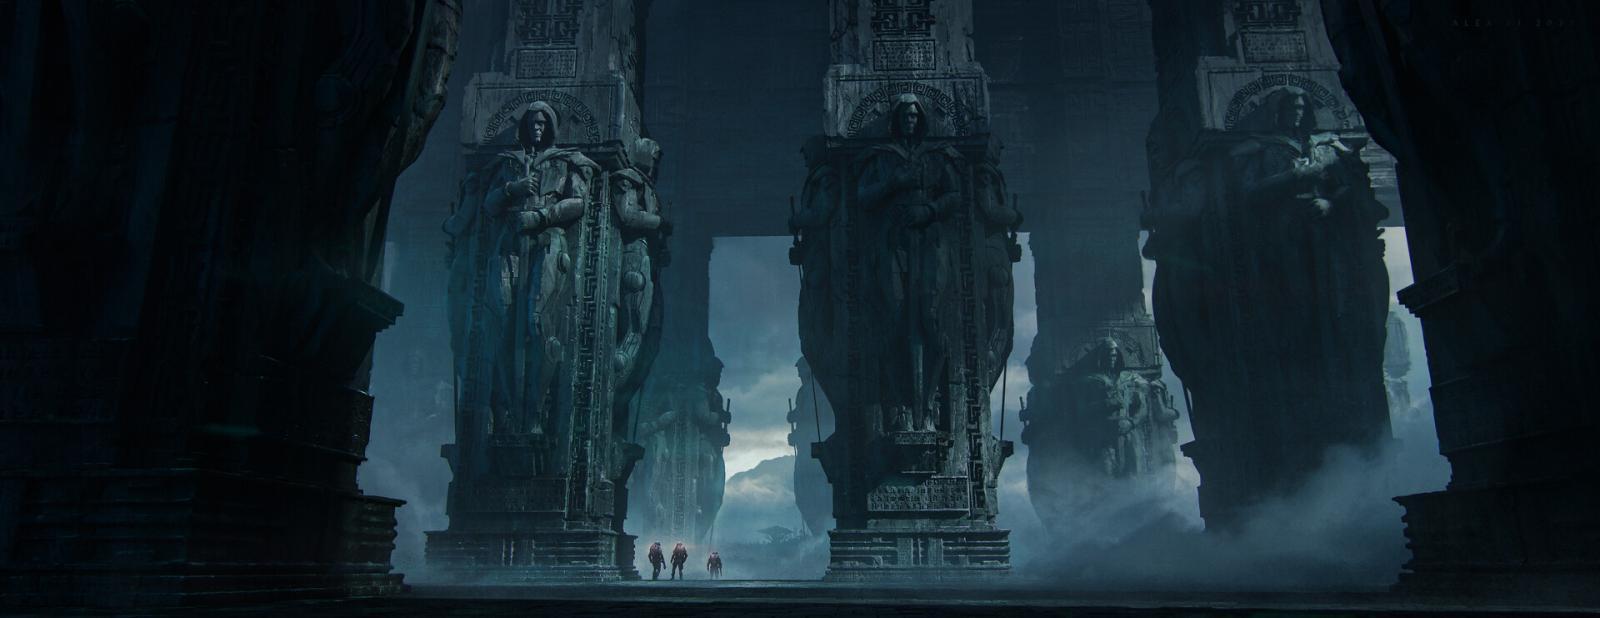 alex-pi-ruins-ancient-civilization-final-01.jpg